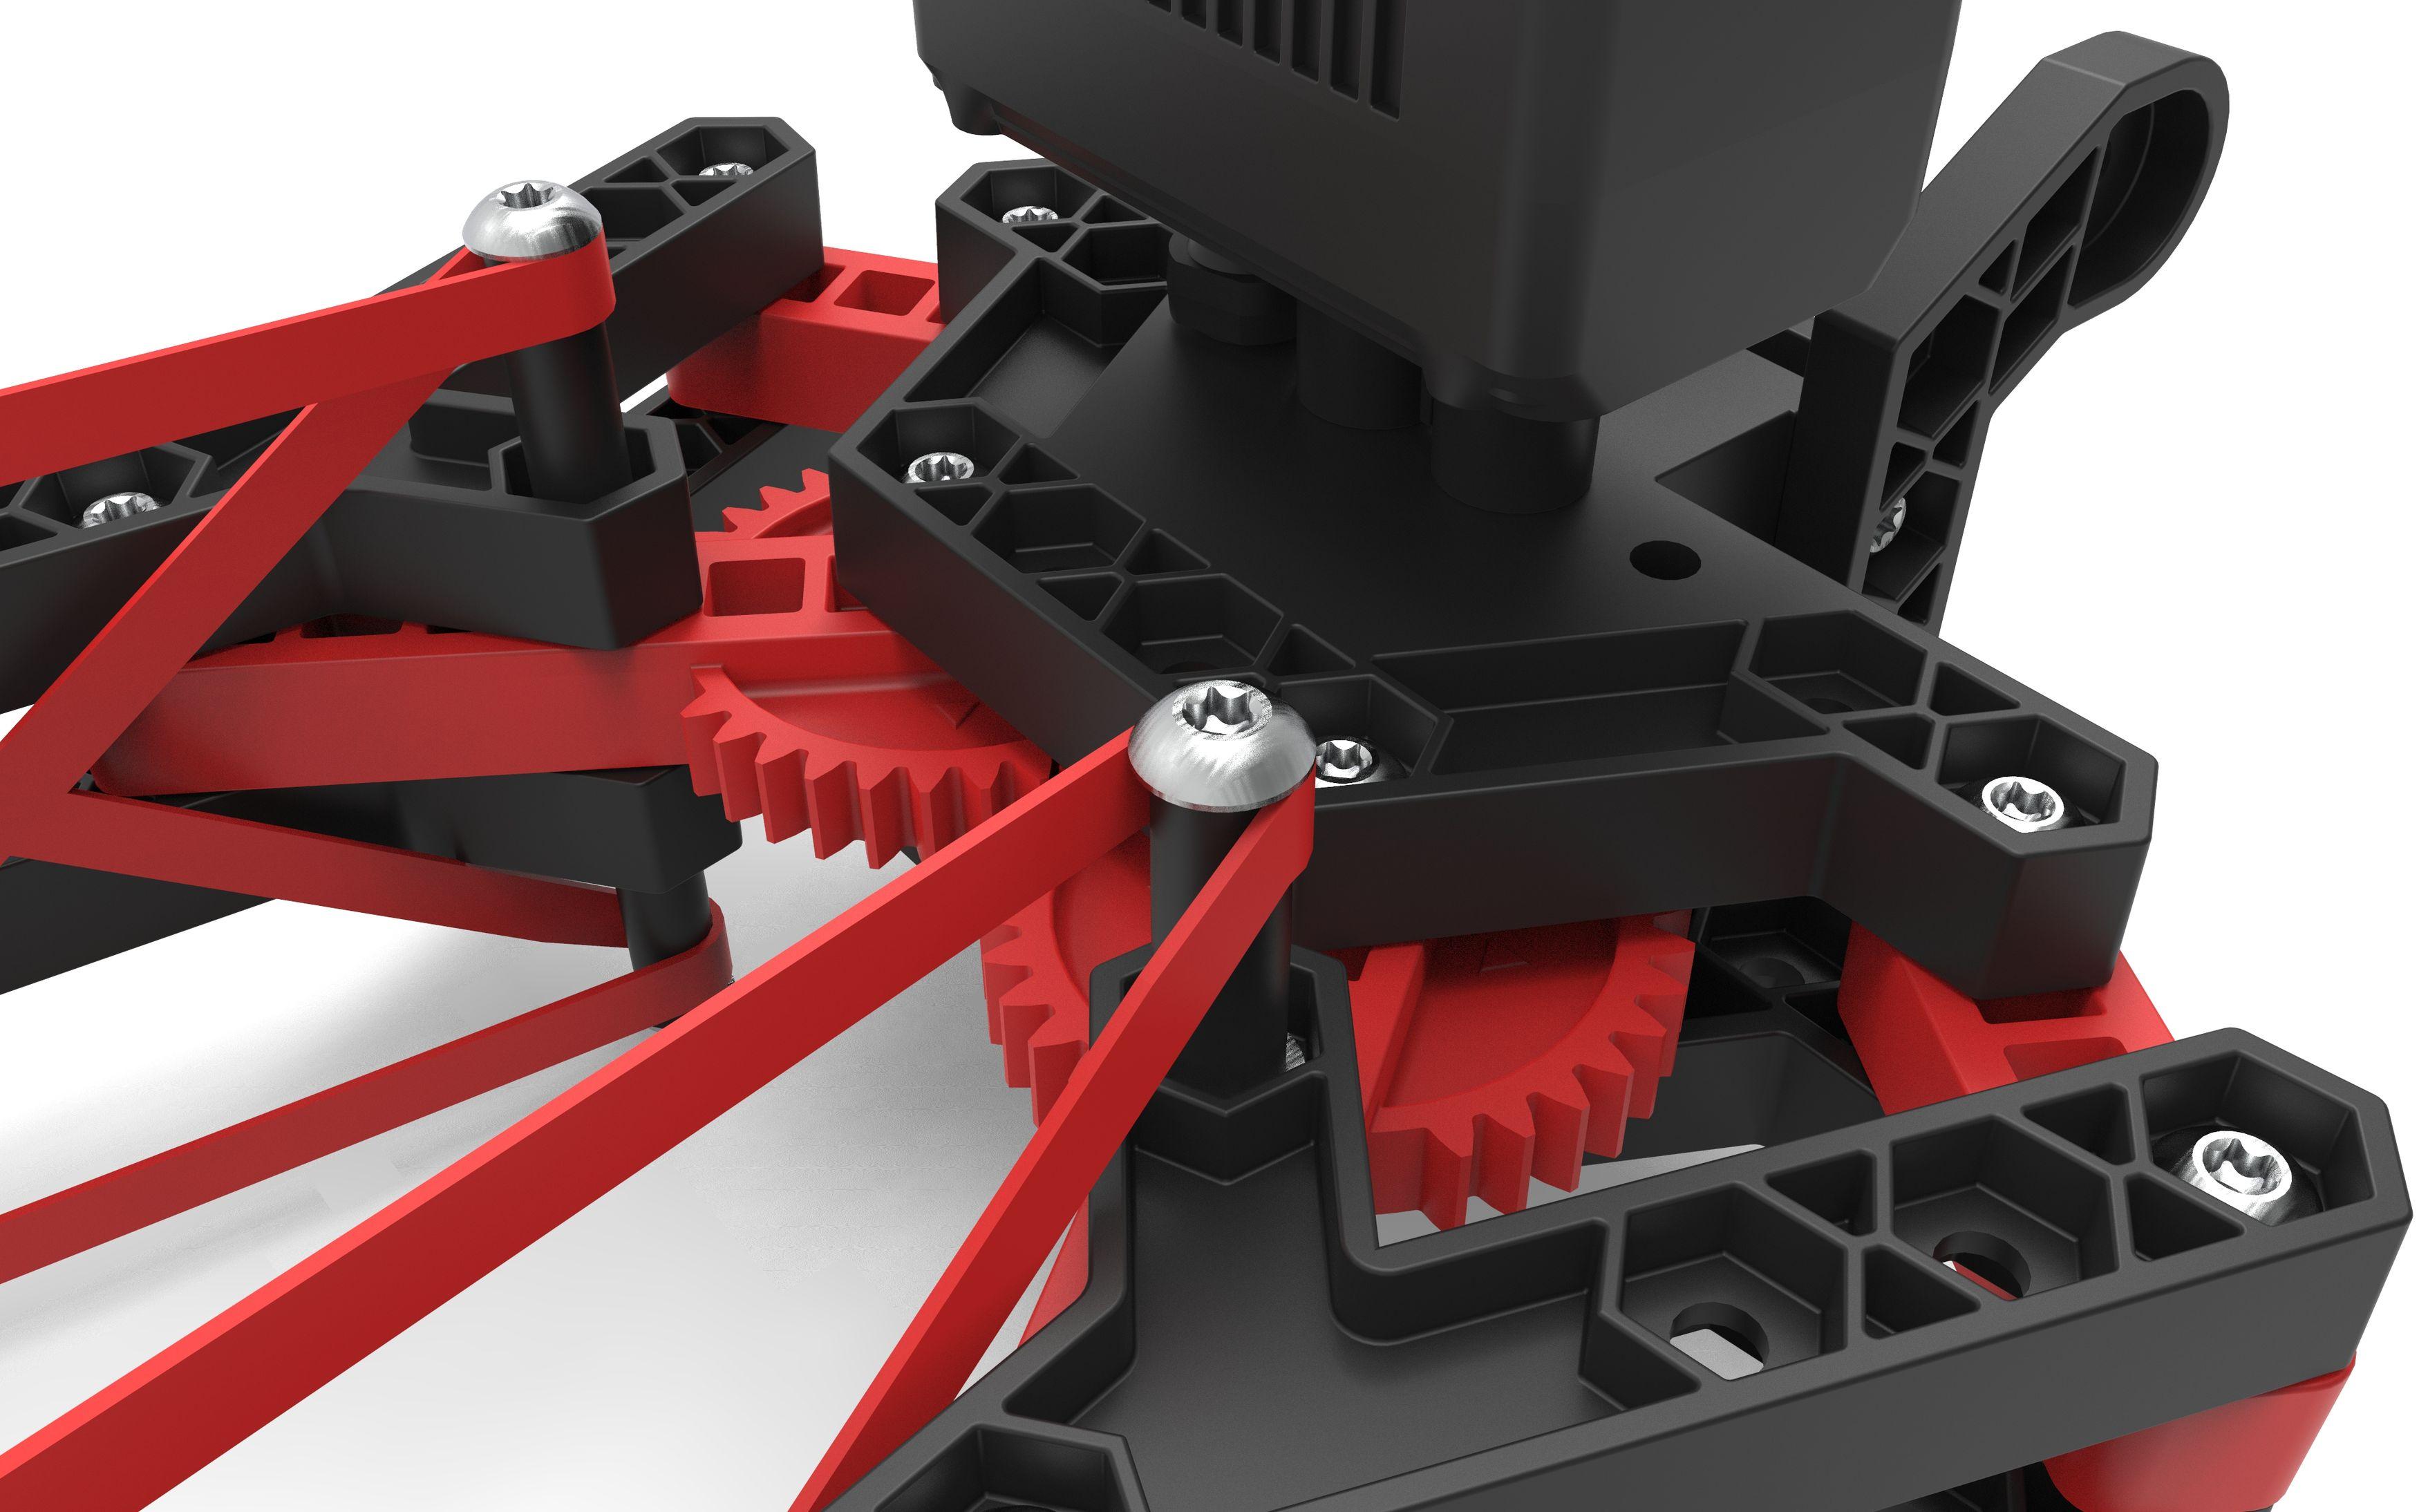 Vex-robotics-v5-design-fabrica-de-nerdes-4-3500-3500